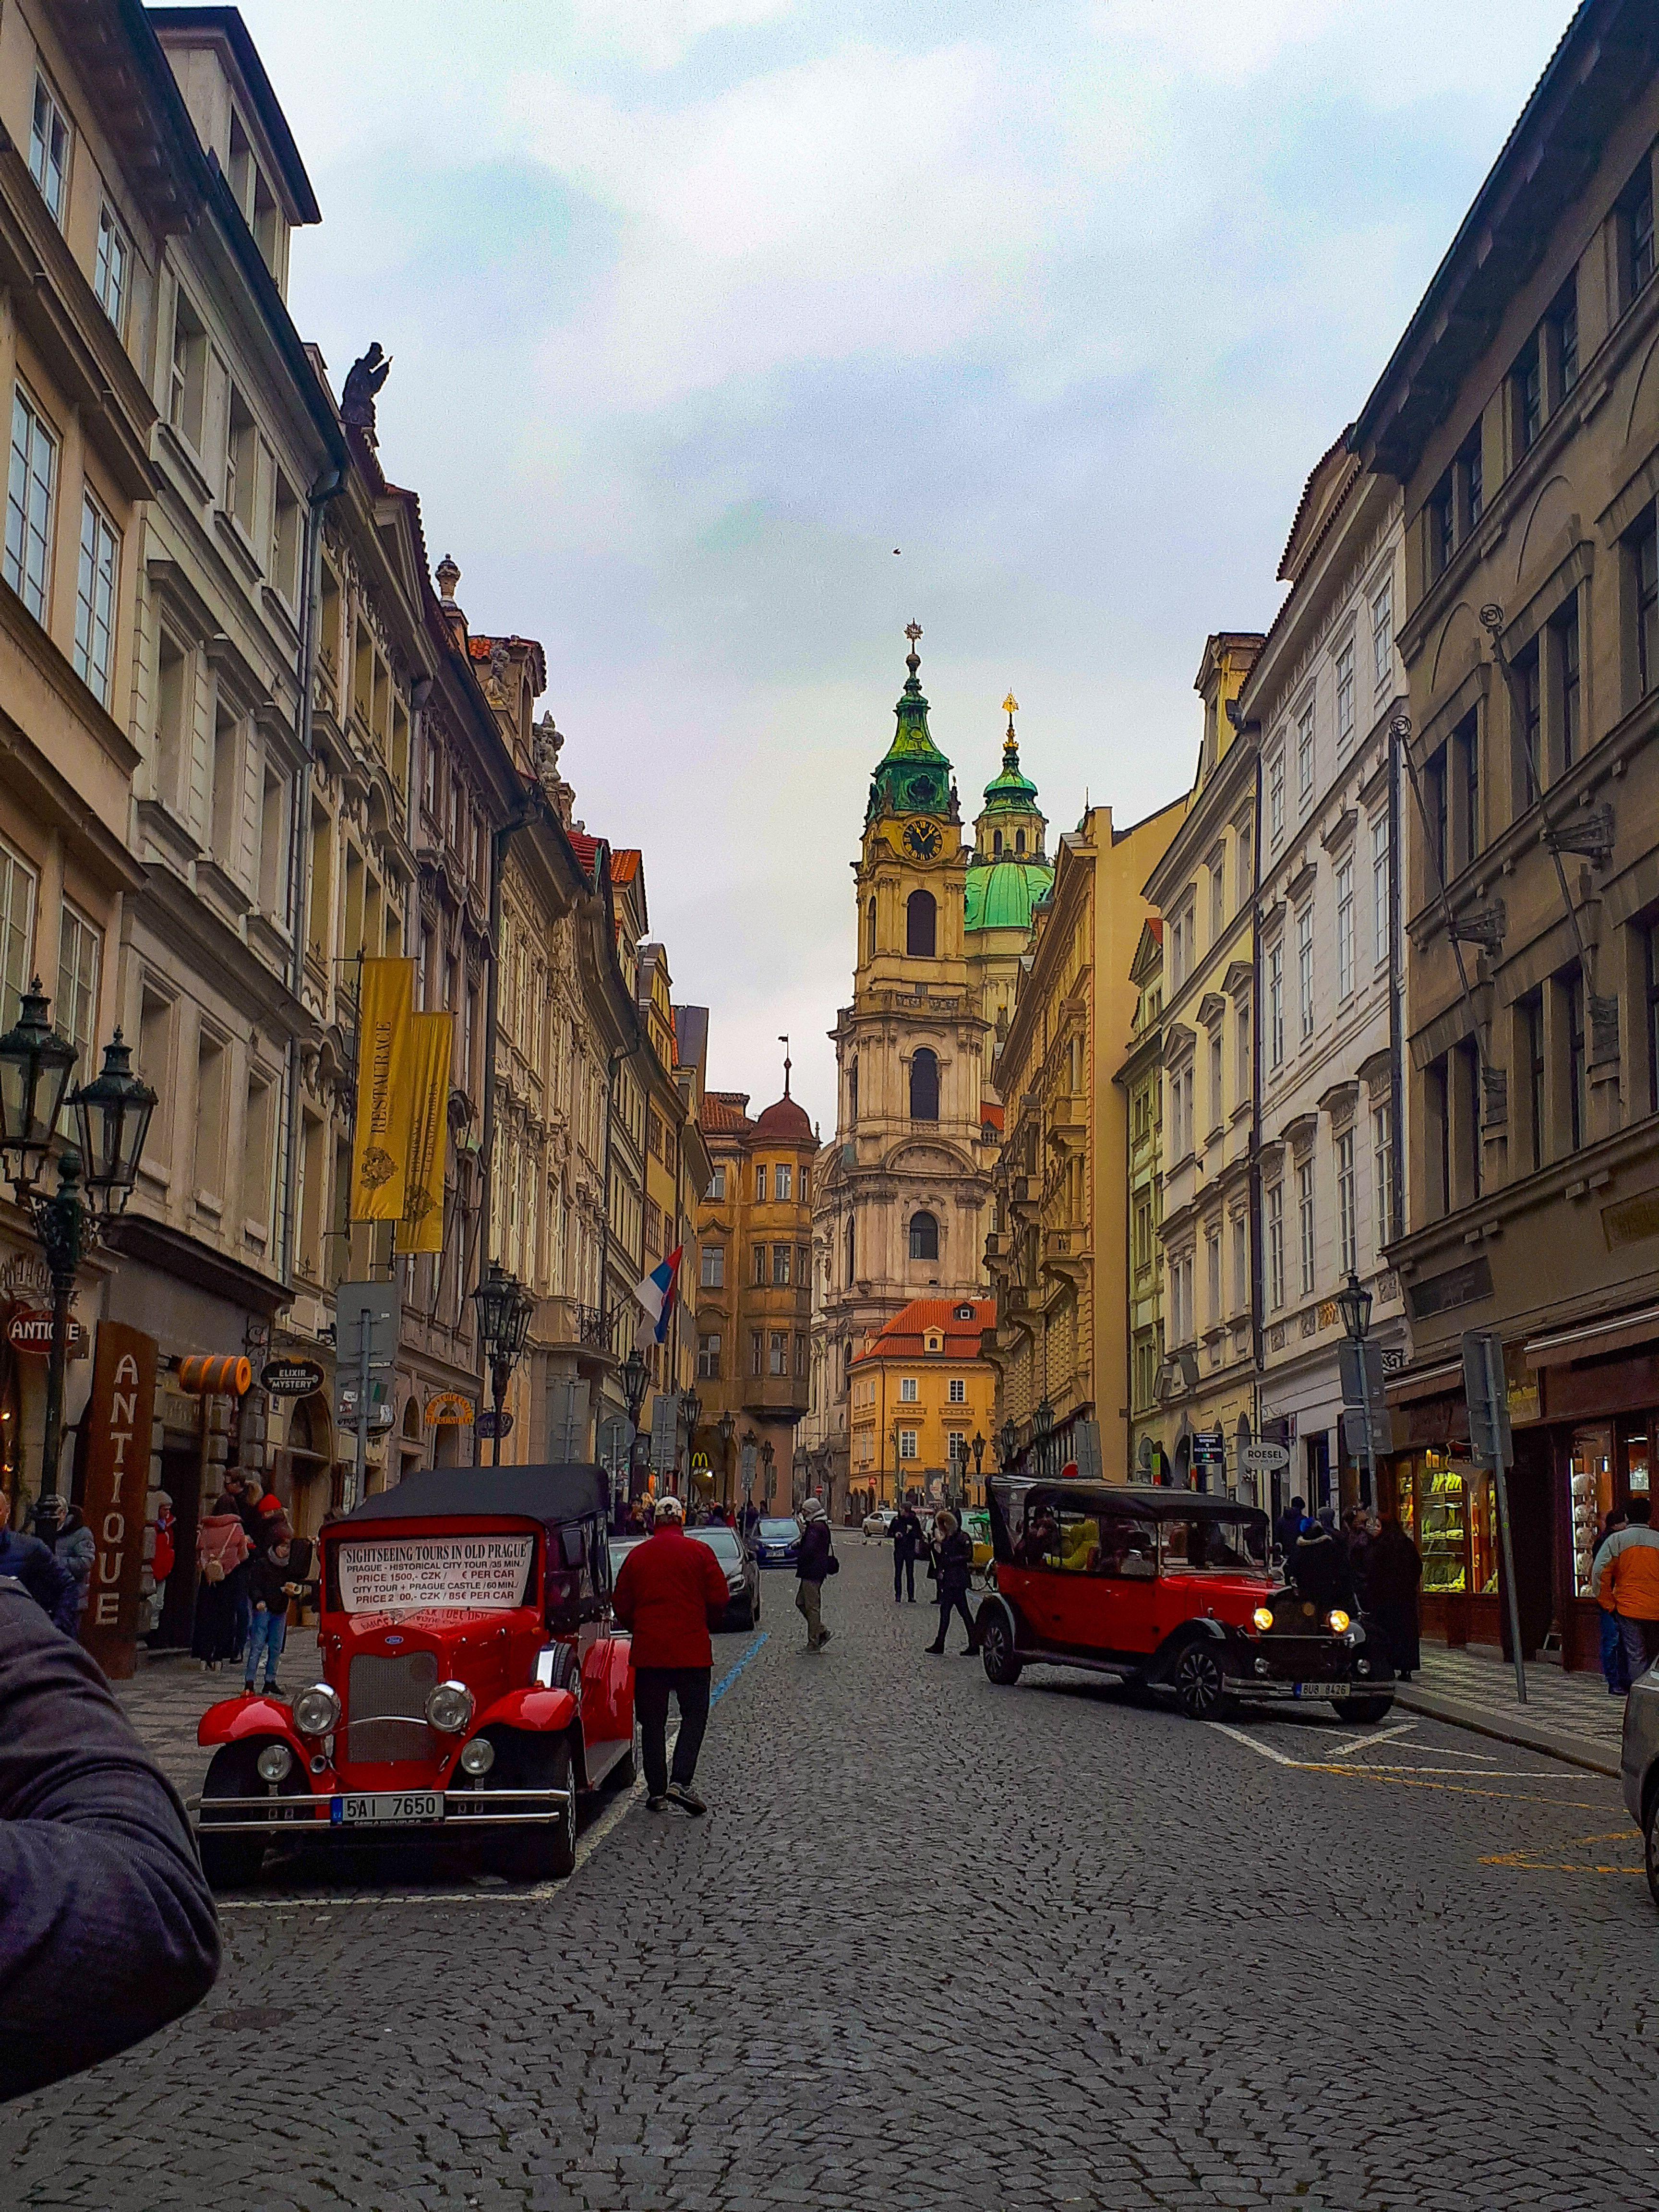 Beautiful Mostecka street. Prague, Czech Republic. 2018